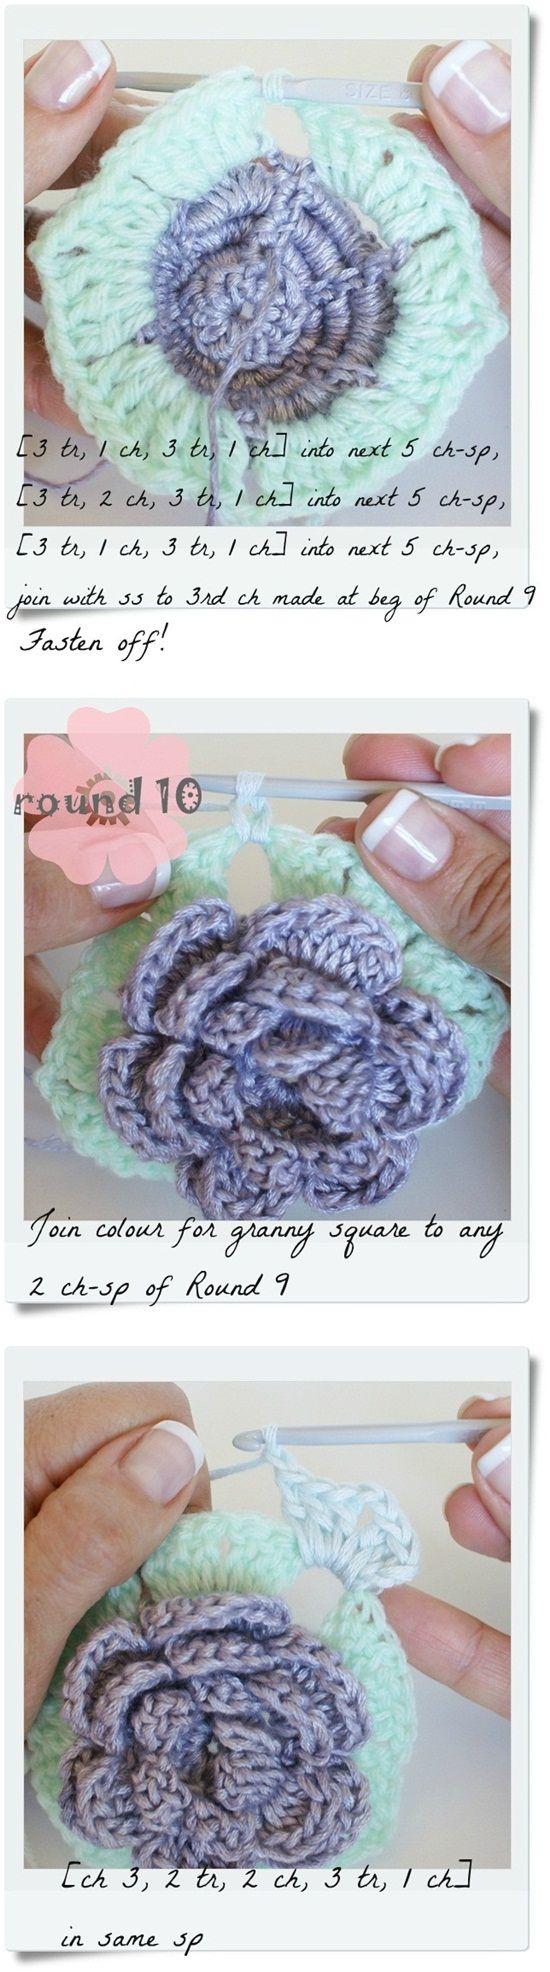 18 petal rose squaretutorial - i love pom-poms blog - i love pom-poms